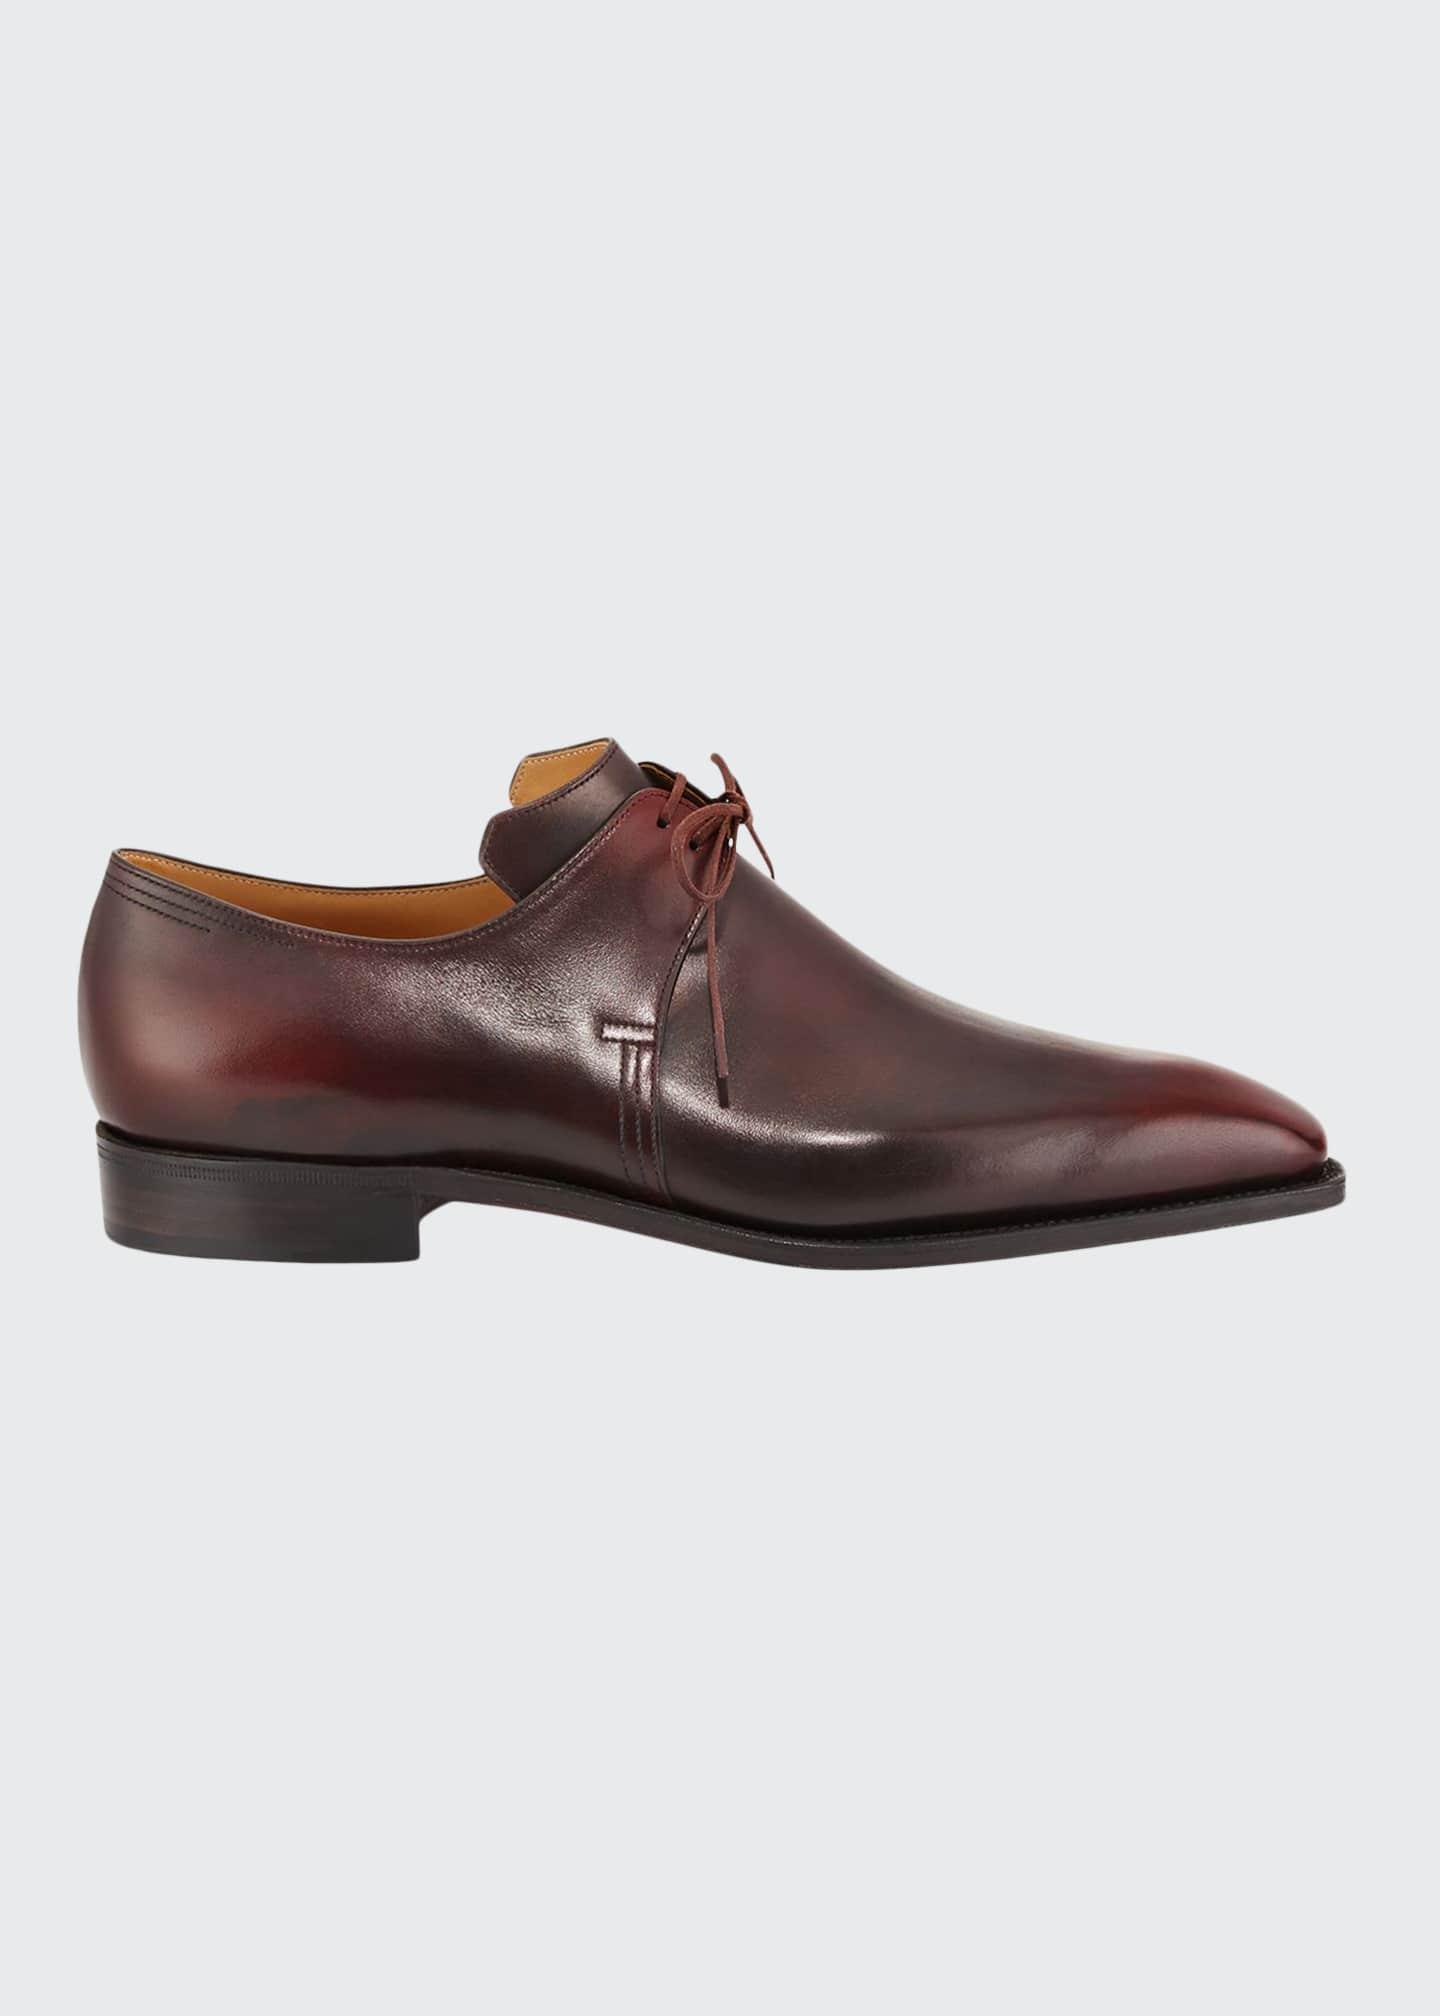 Corthay Arca Calf Leather Derby Shoe, Dark Burgundy